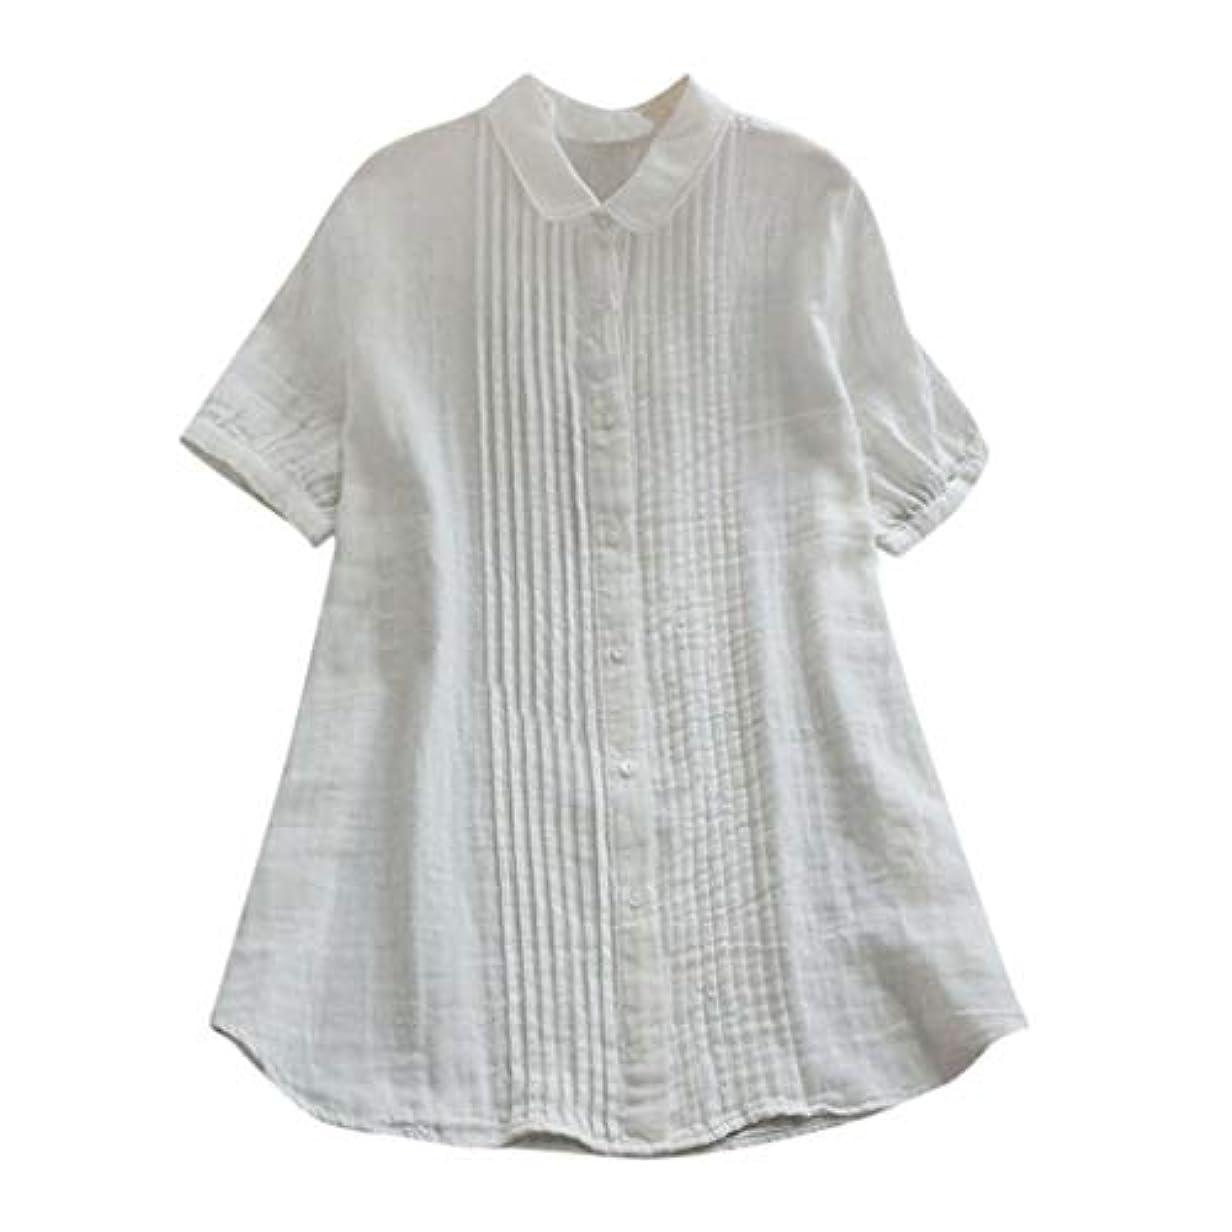 防止療法金銭的な女性の半袖Tシャツ - ピーターパンカラー夏緩い無地カジュアルダウントップスブラウス (白, L)